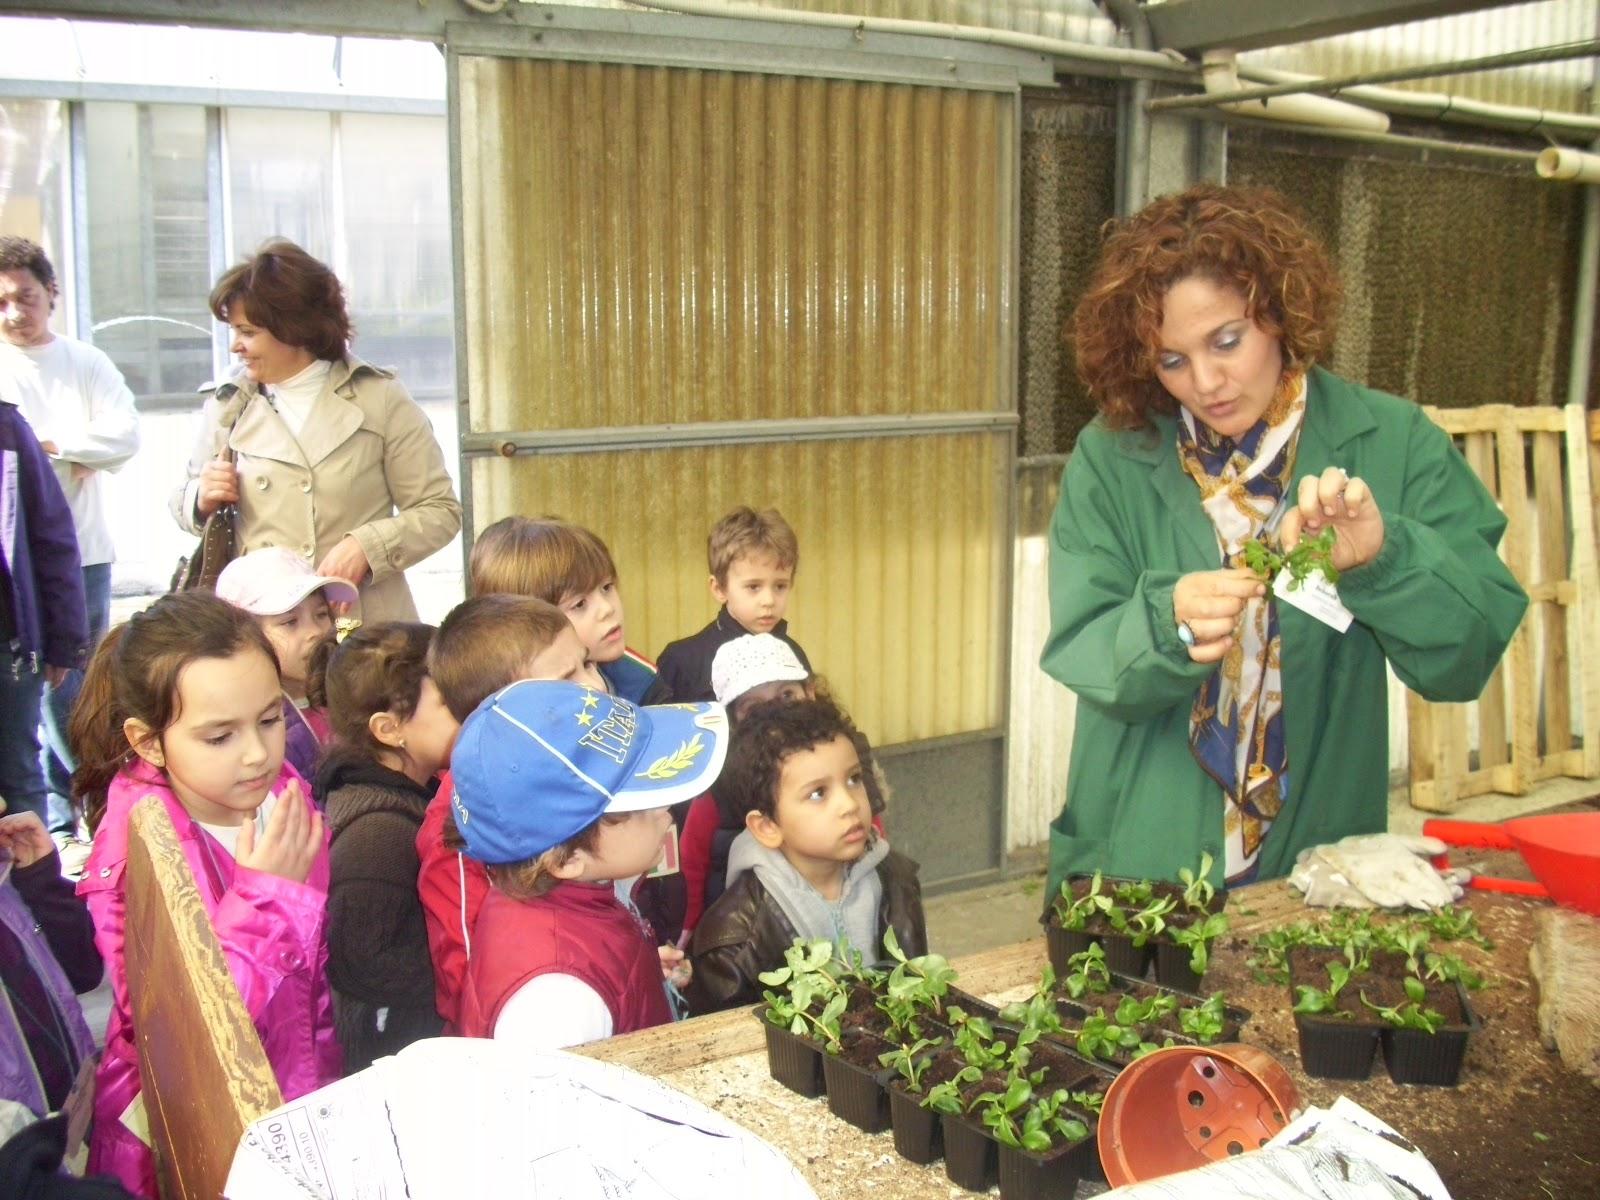 scuola gallini voghera lombardy - photo#6